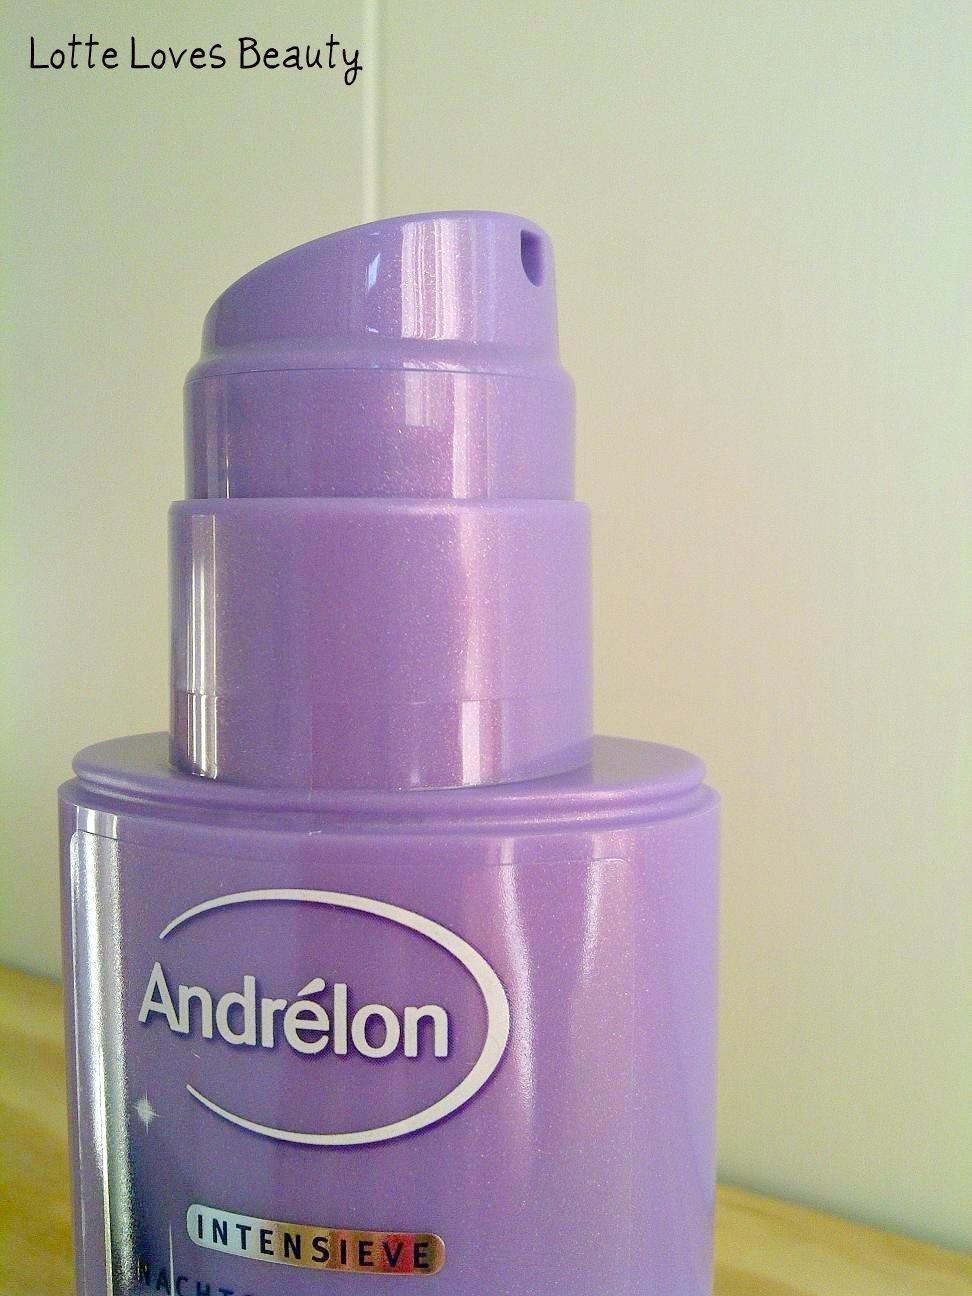 shampoo die kleur uitwast